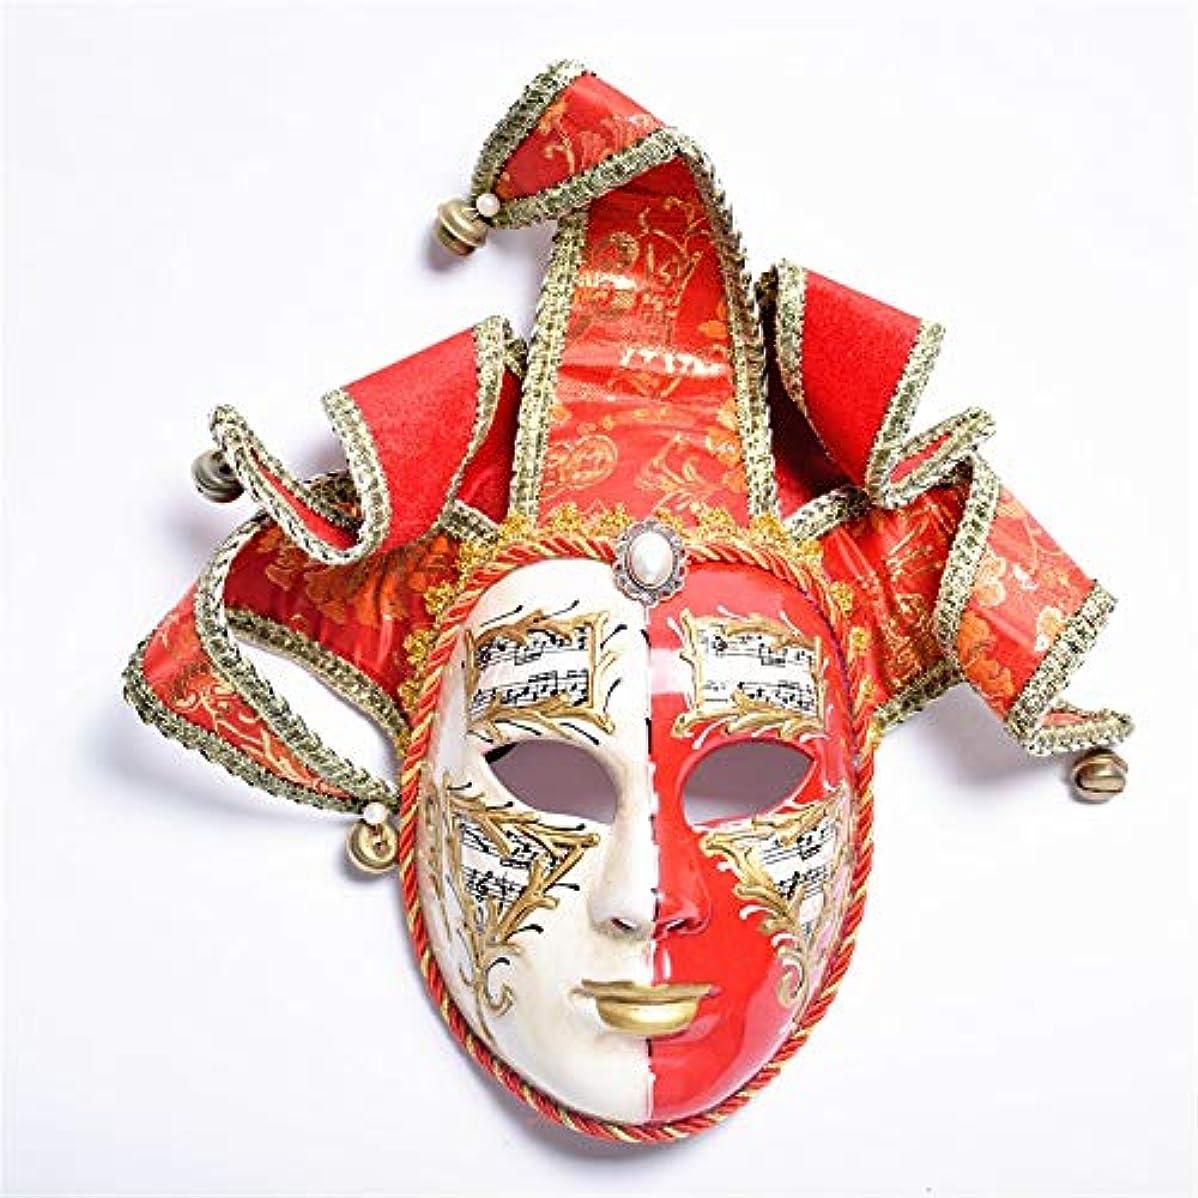 敵歴史ティーンエイジャーダンスマスク レッドゴールドマスク女性仮装パーティーナイトクラブロールプレイング装飾プラスチックマスク ホリデーパーティー用品 (色 : Red+Gold, サイズ : 33x31cm)